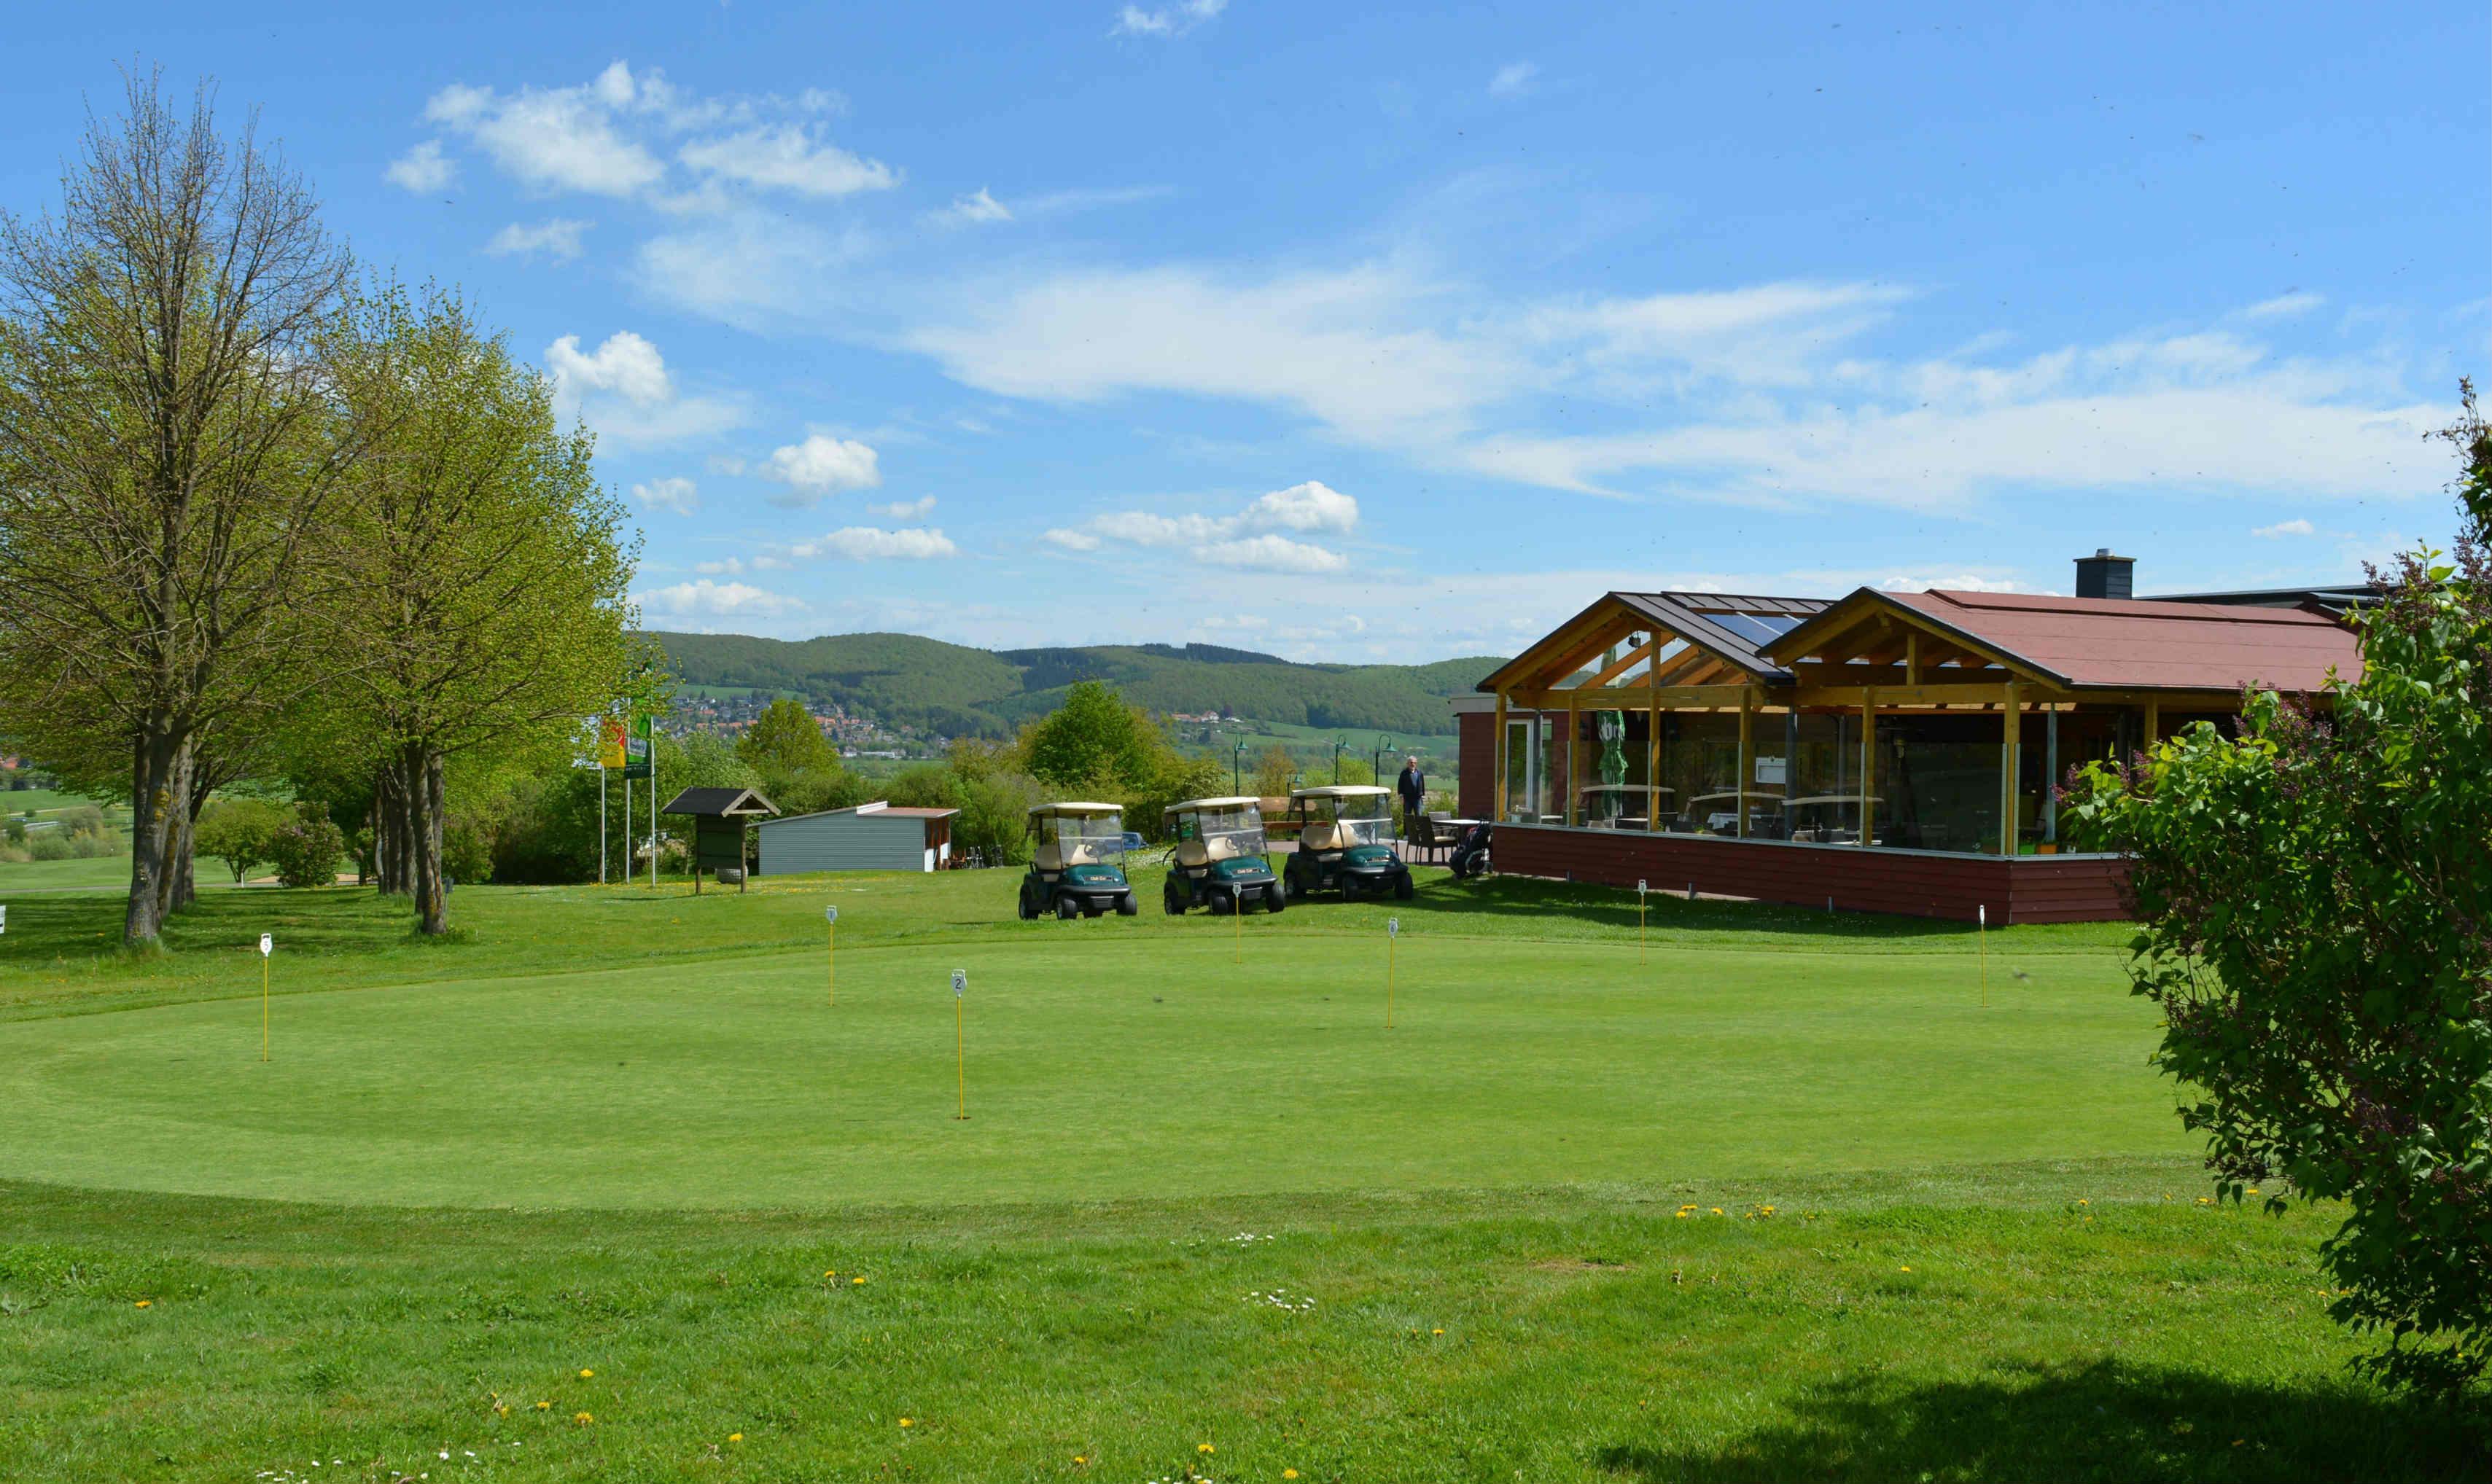 Foto: Golf & Country Club Leinetal Einbeck